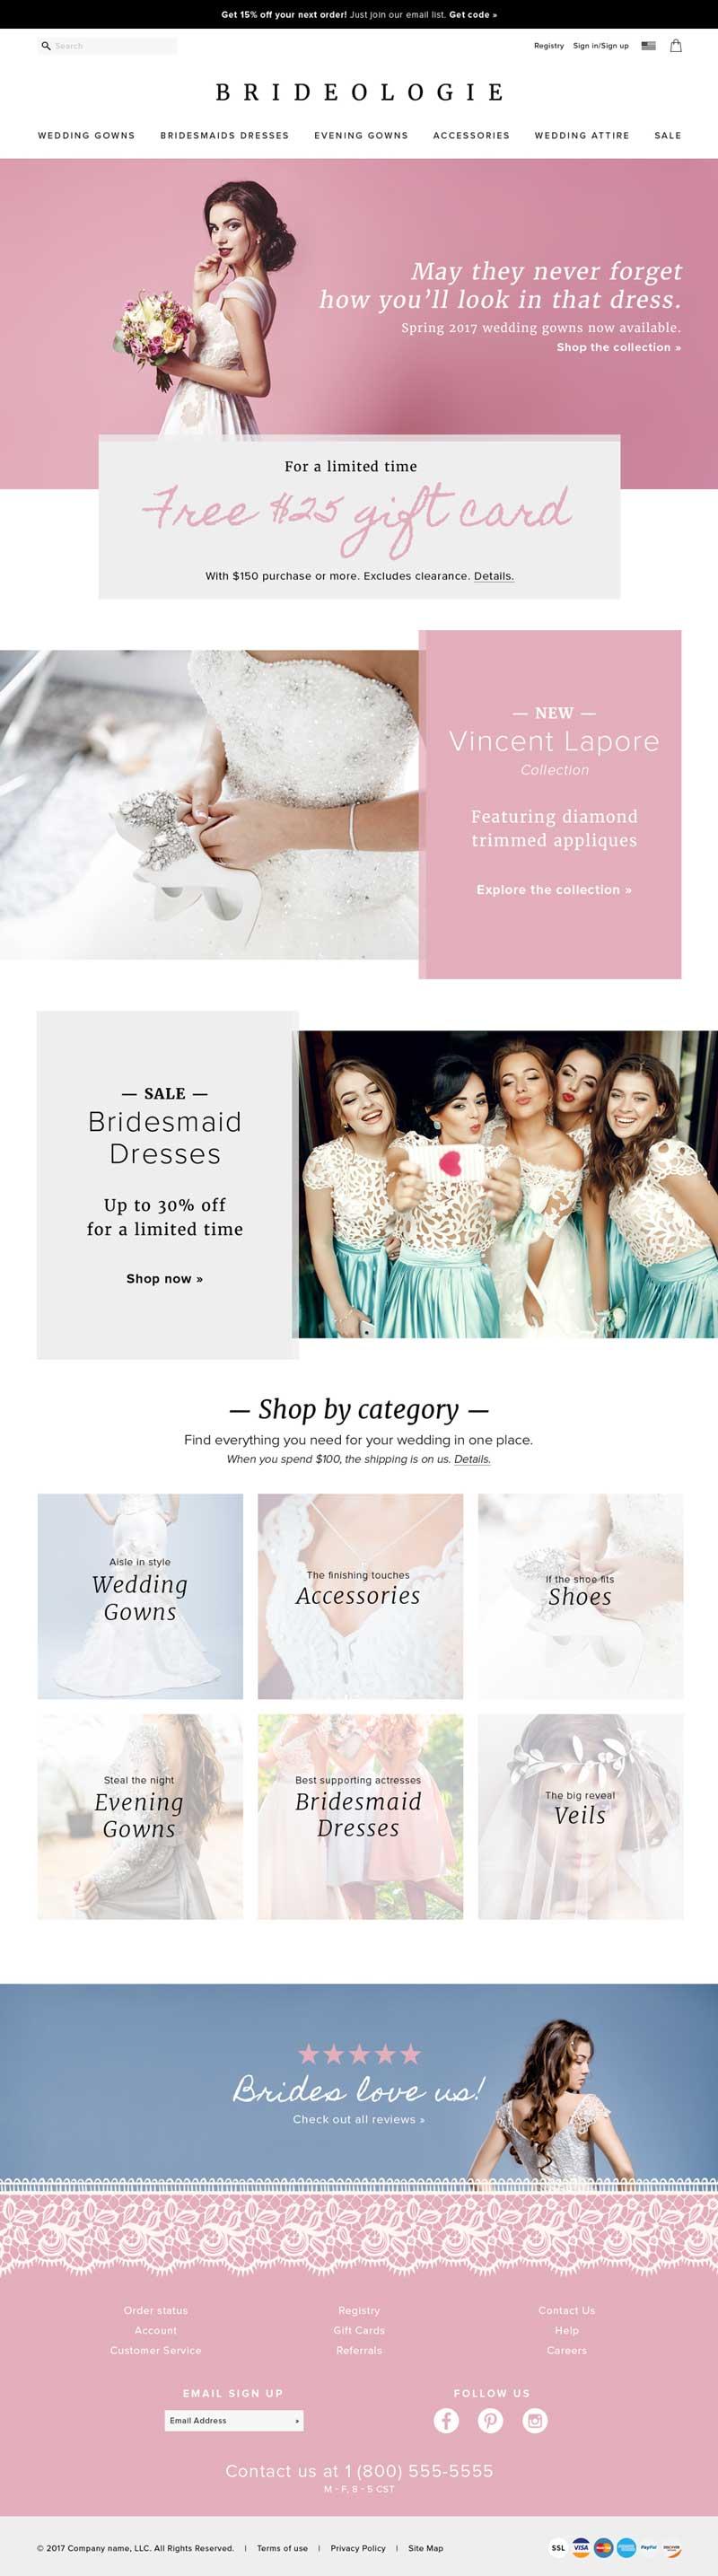 Brideologie Website Mock